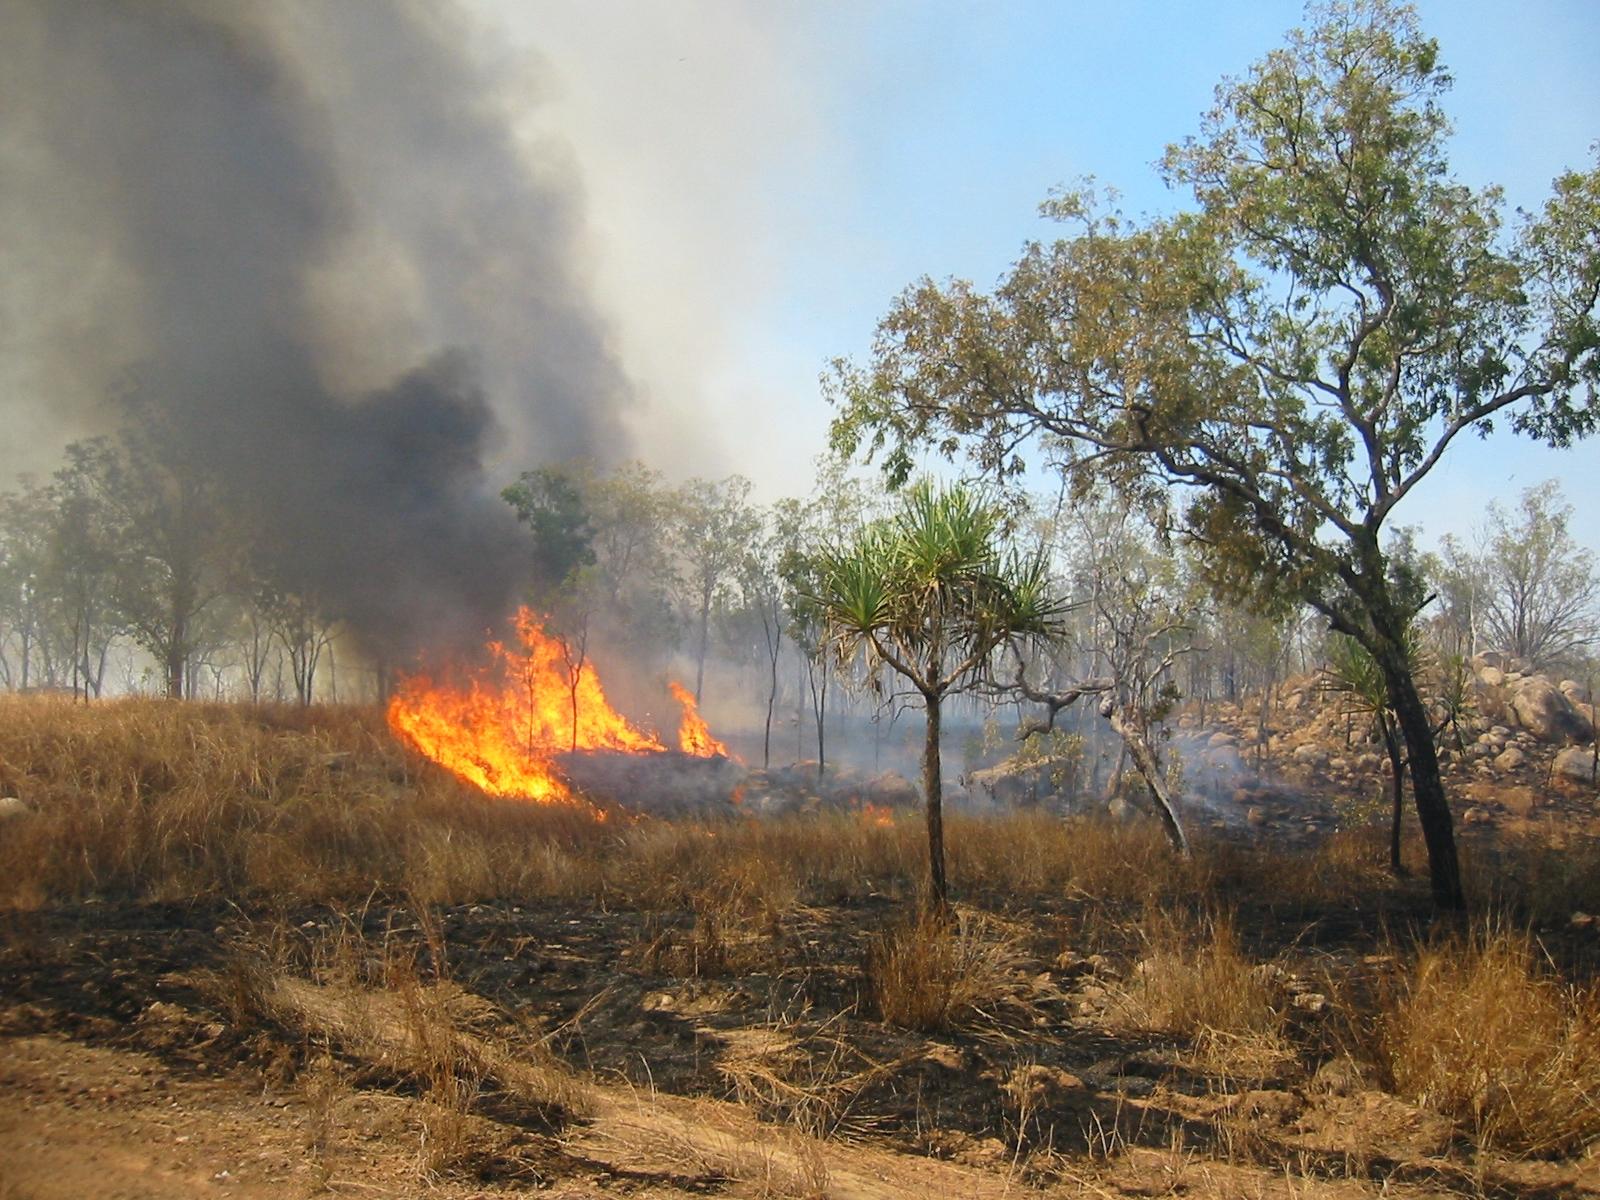 L'Australia nella morsa delle fiamme.